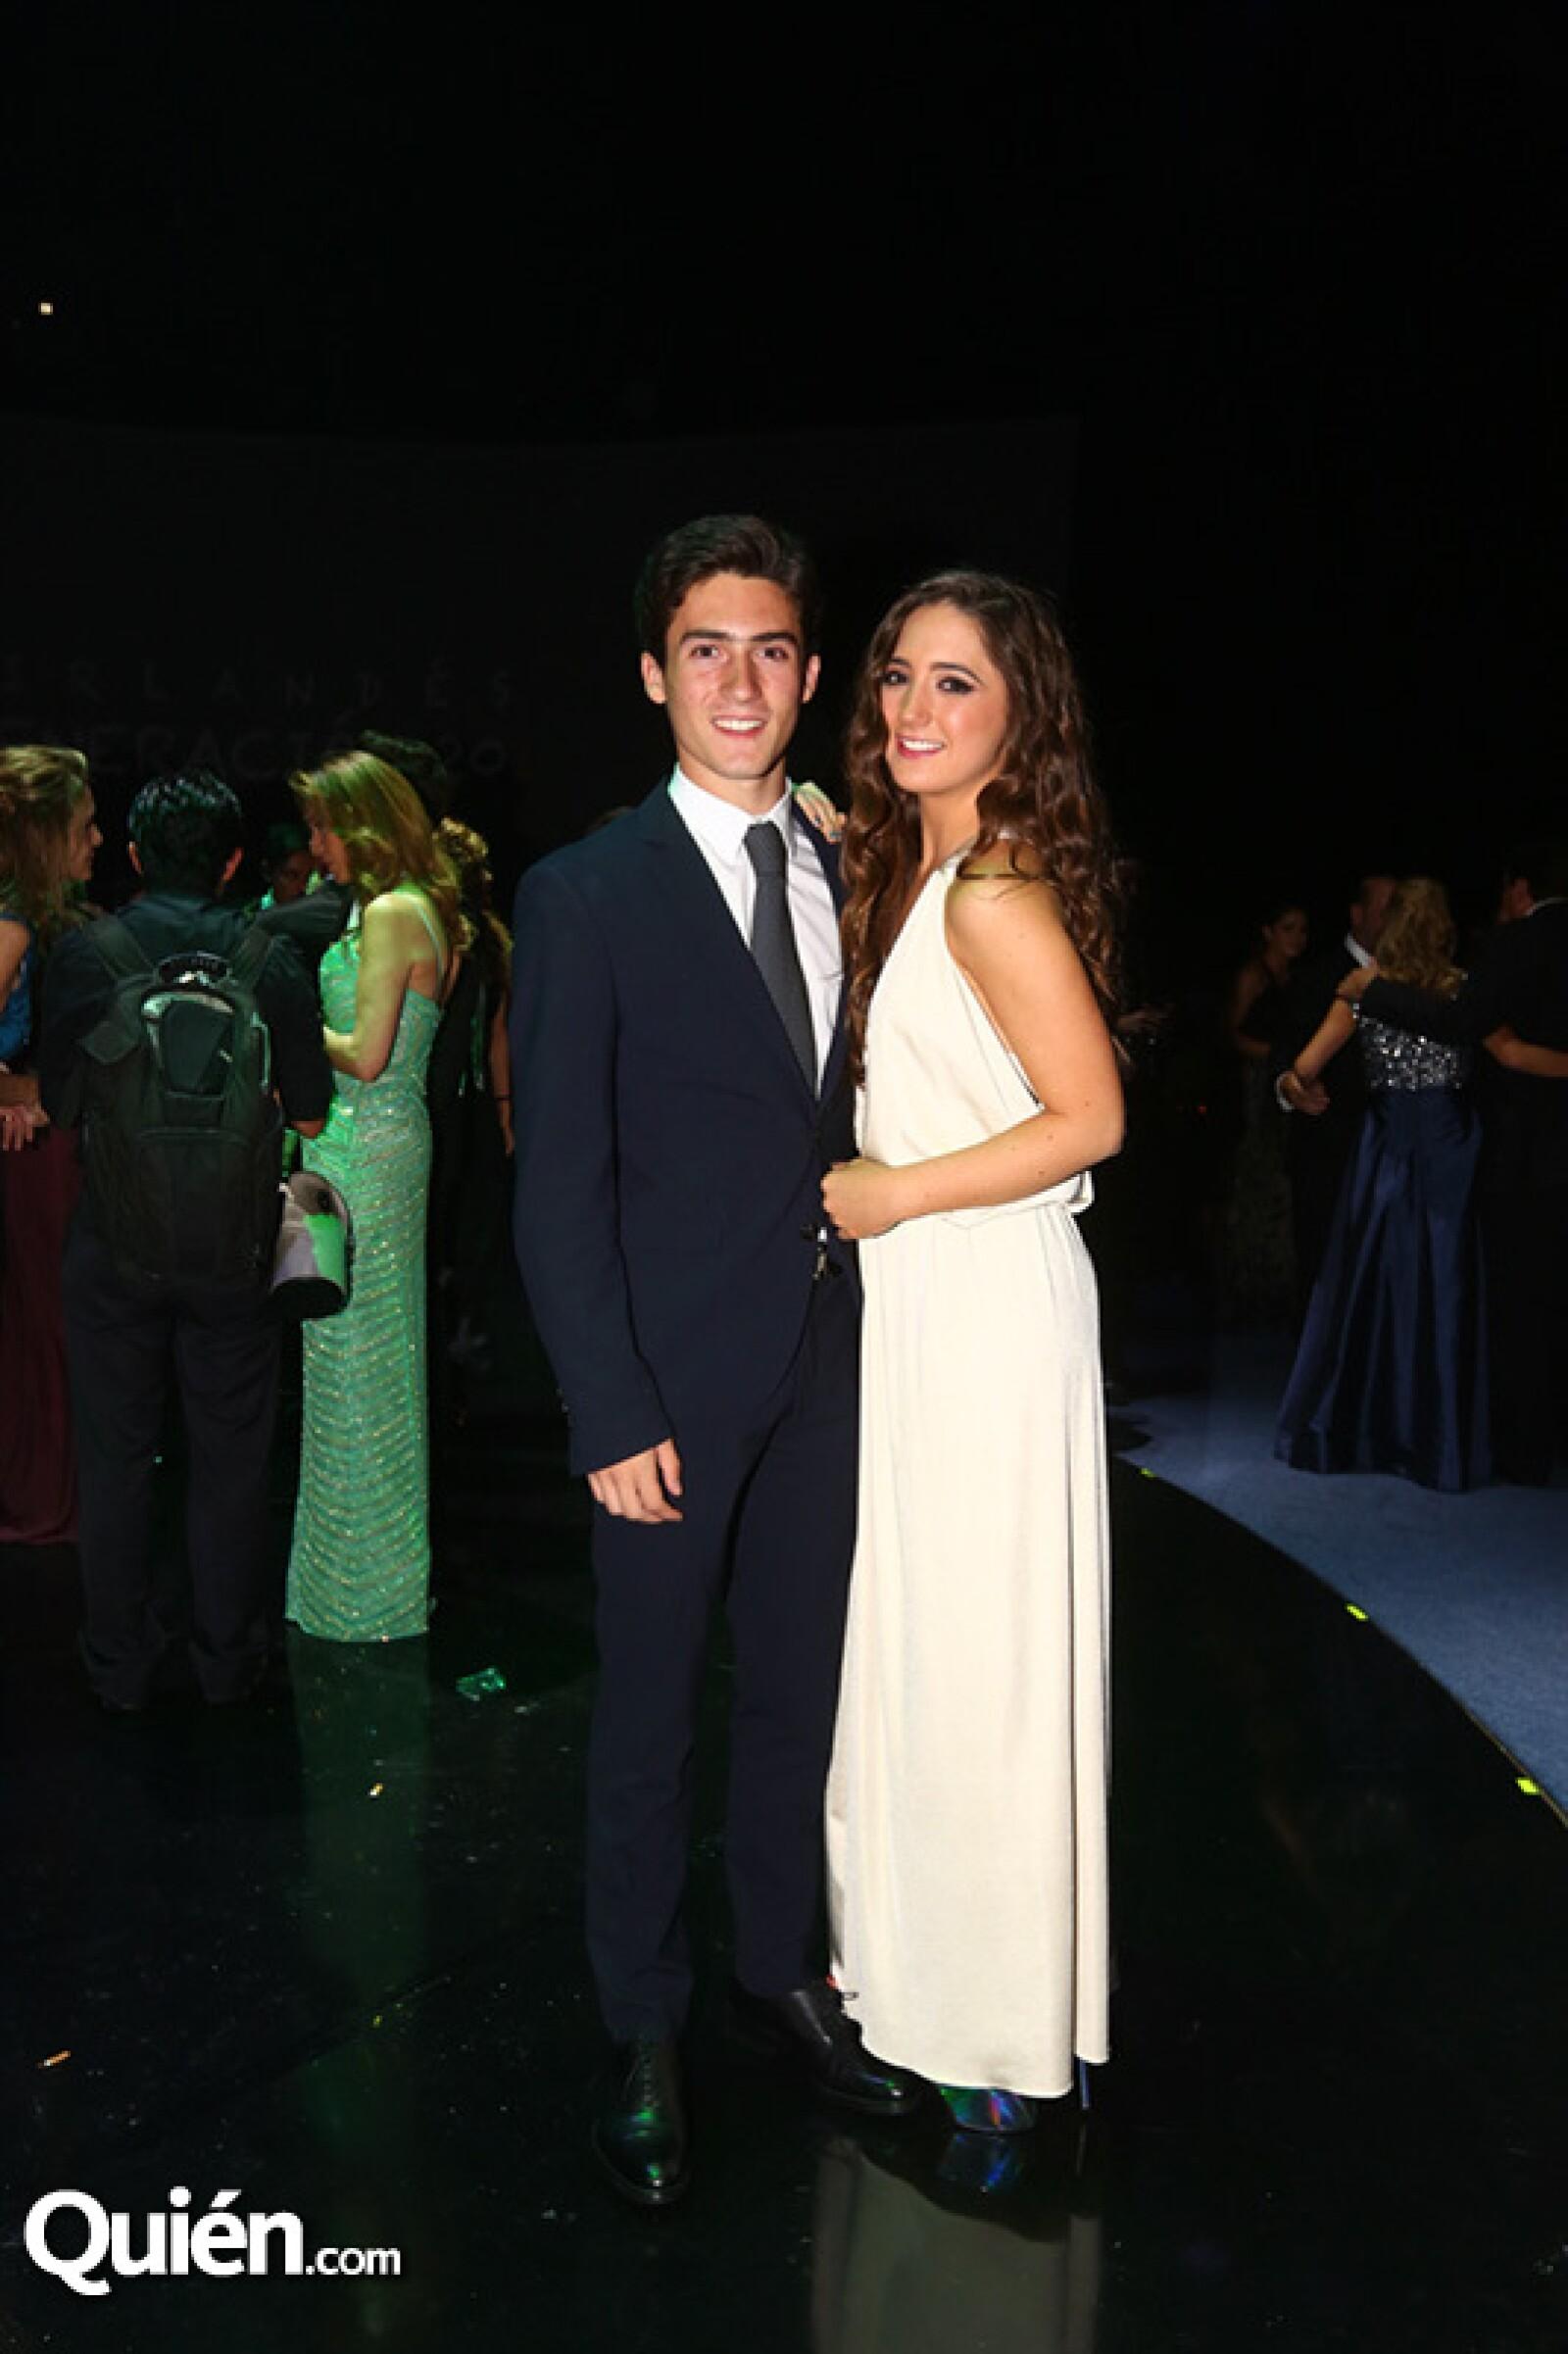 Patricio Dunan y Regina Cervantez